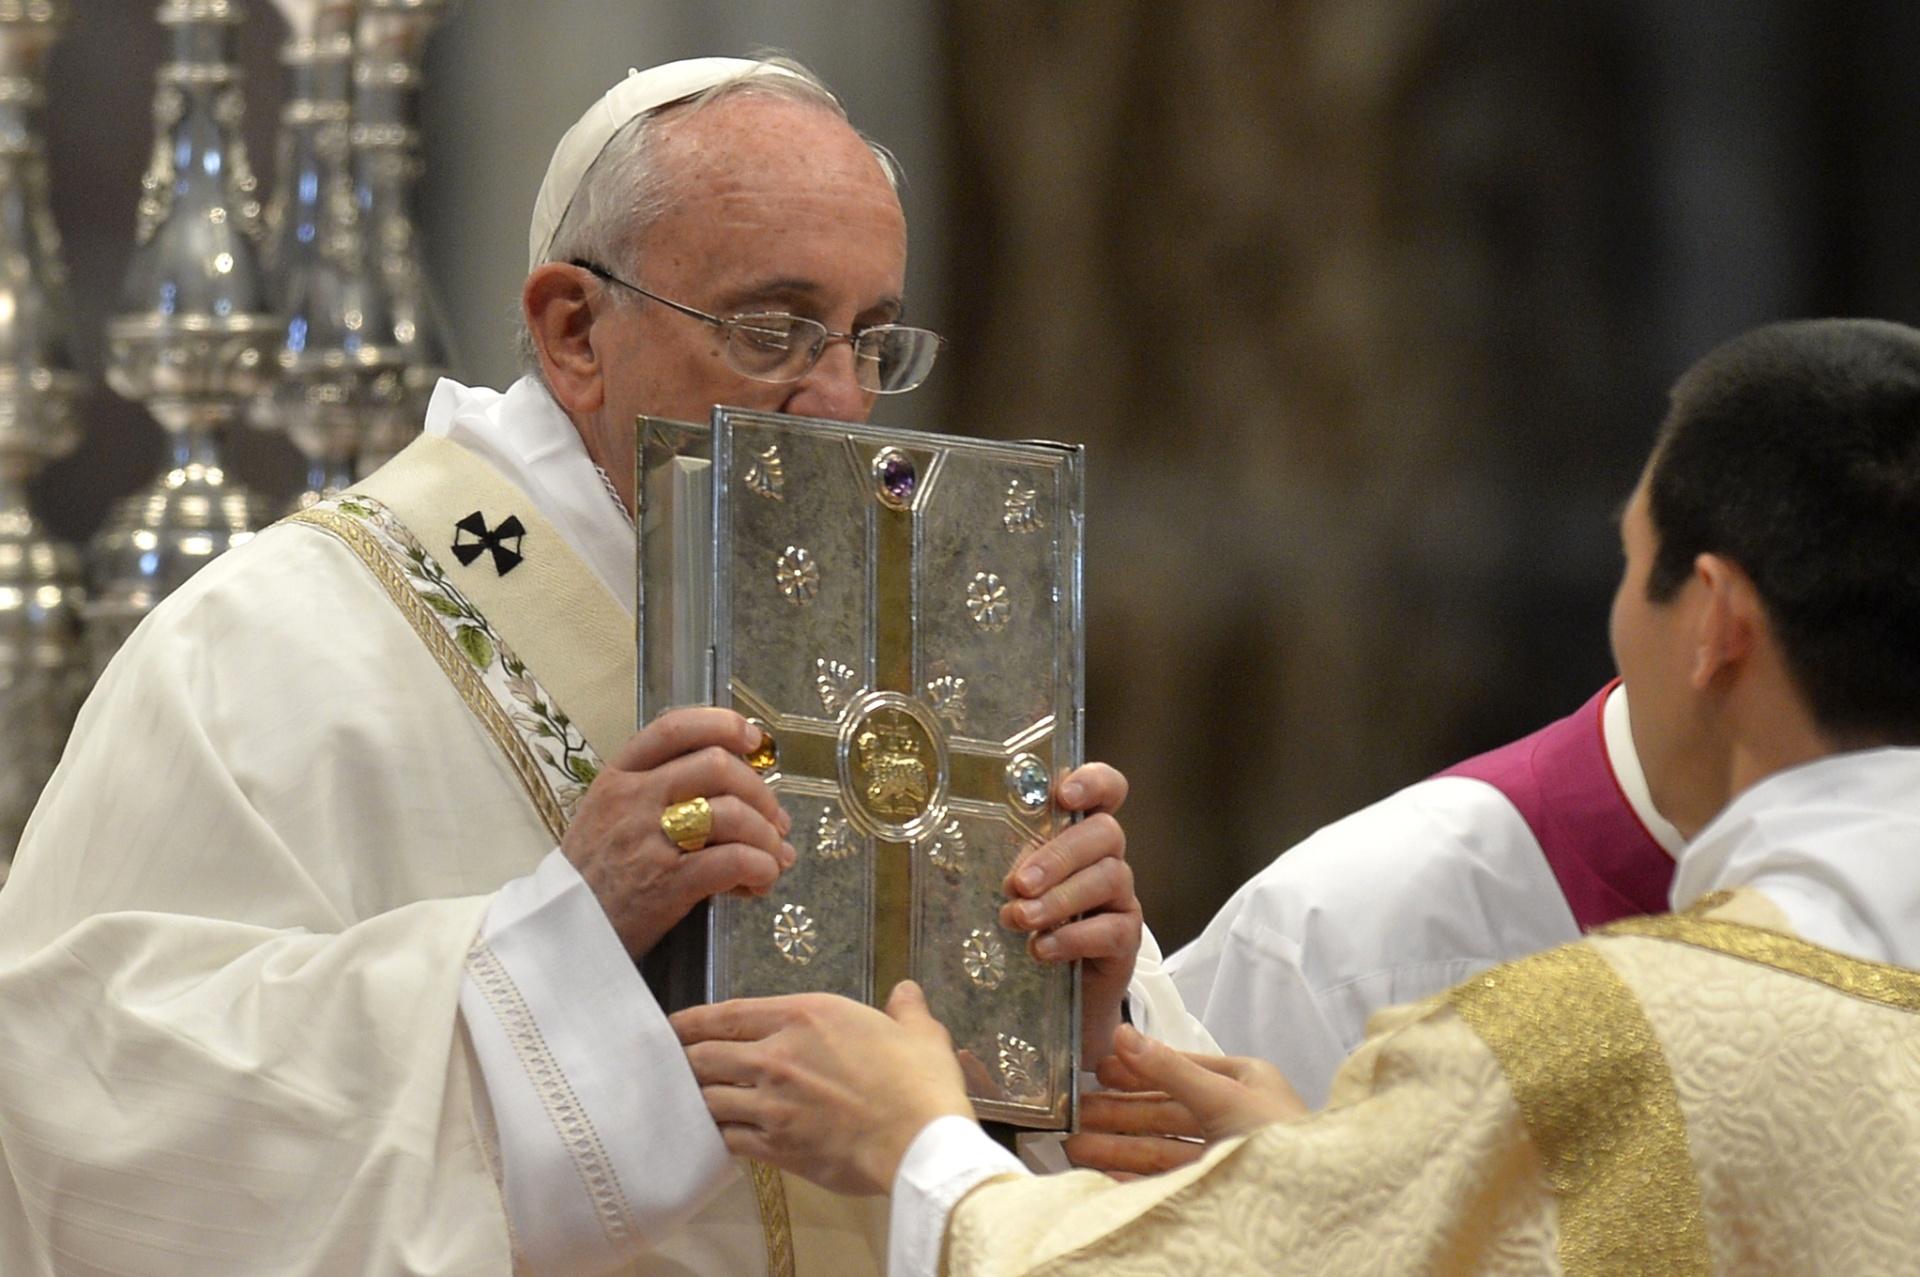 2.abr.2015 - O papa Francisco beija a bíblia durante missa de celebração da quinta-feira santa, dia que marca o início das comemorações da Páscoa, nesta quinta-feira (2), na Basílica de São Pedro, no Vaticano